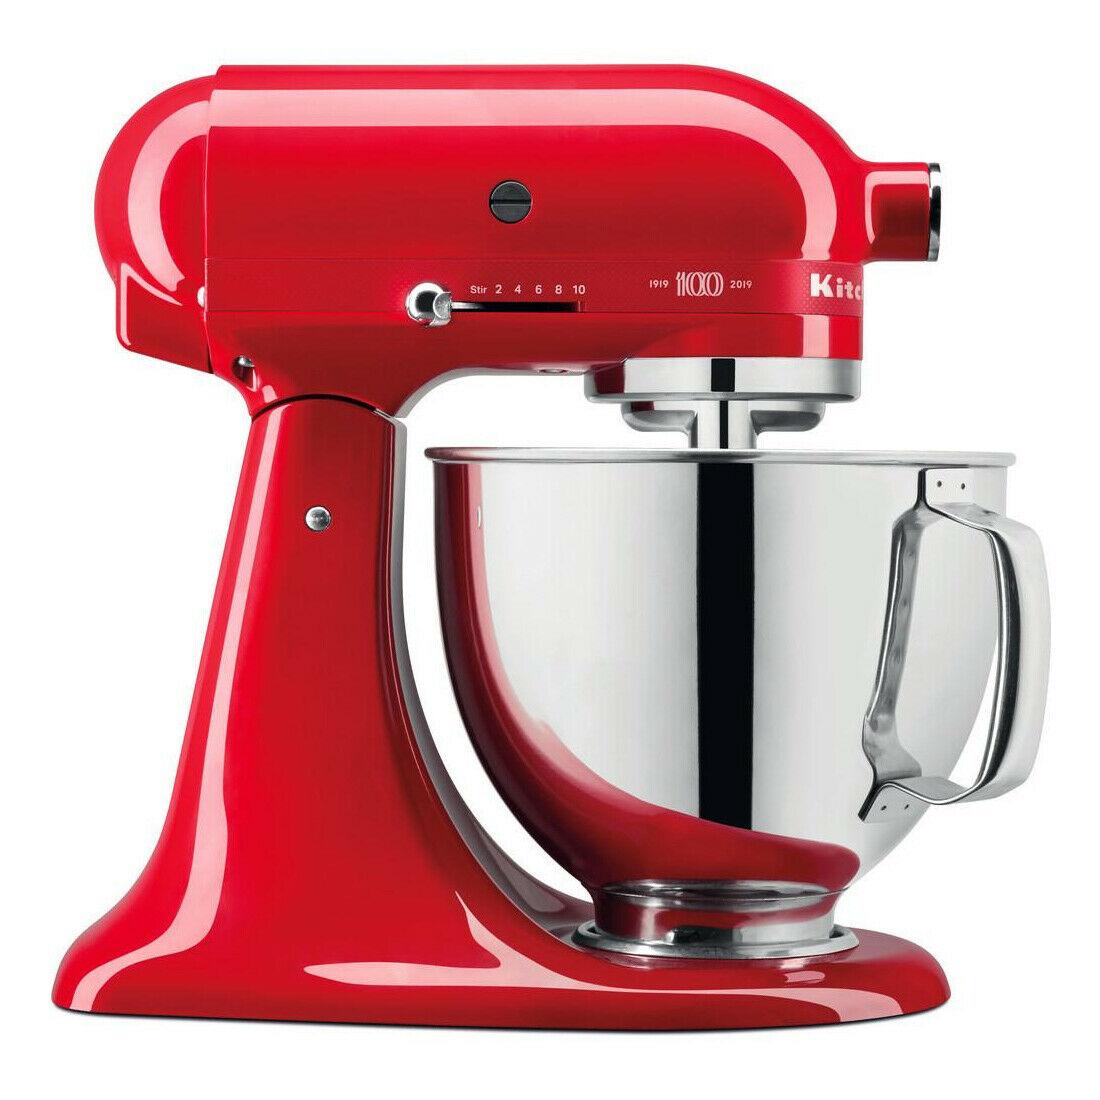 Bild zu Küchenmaschine KitchenAid Artisan 5KSM180HESD für 399,90€ (Vergleich: 535,16€)